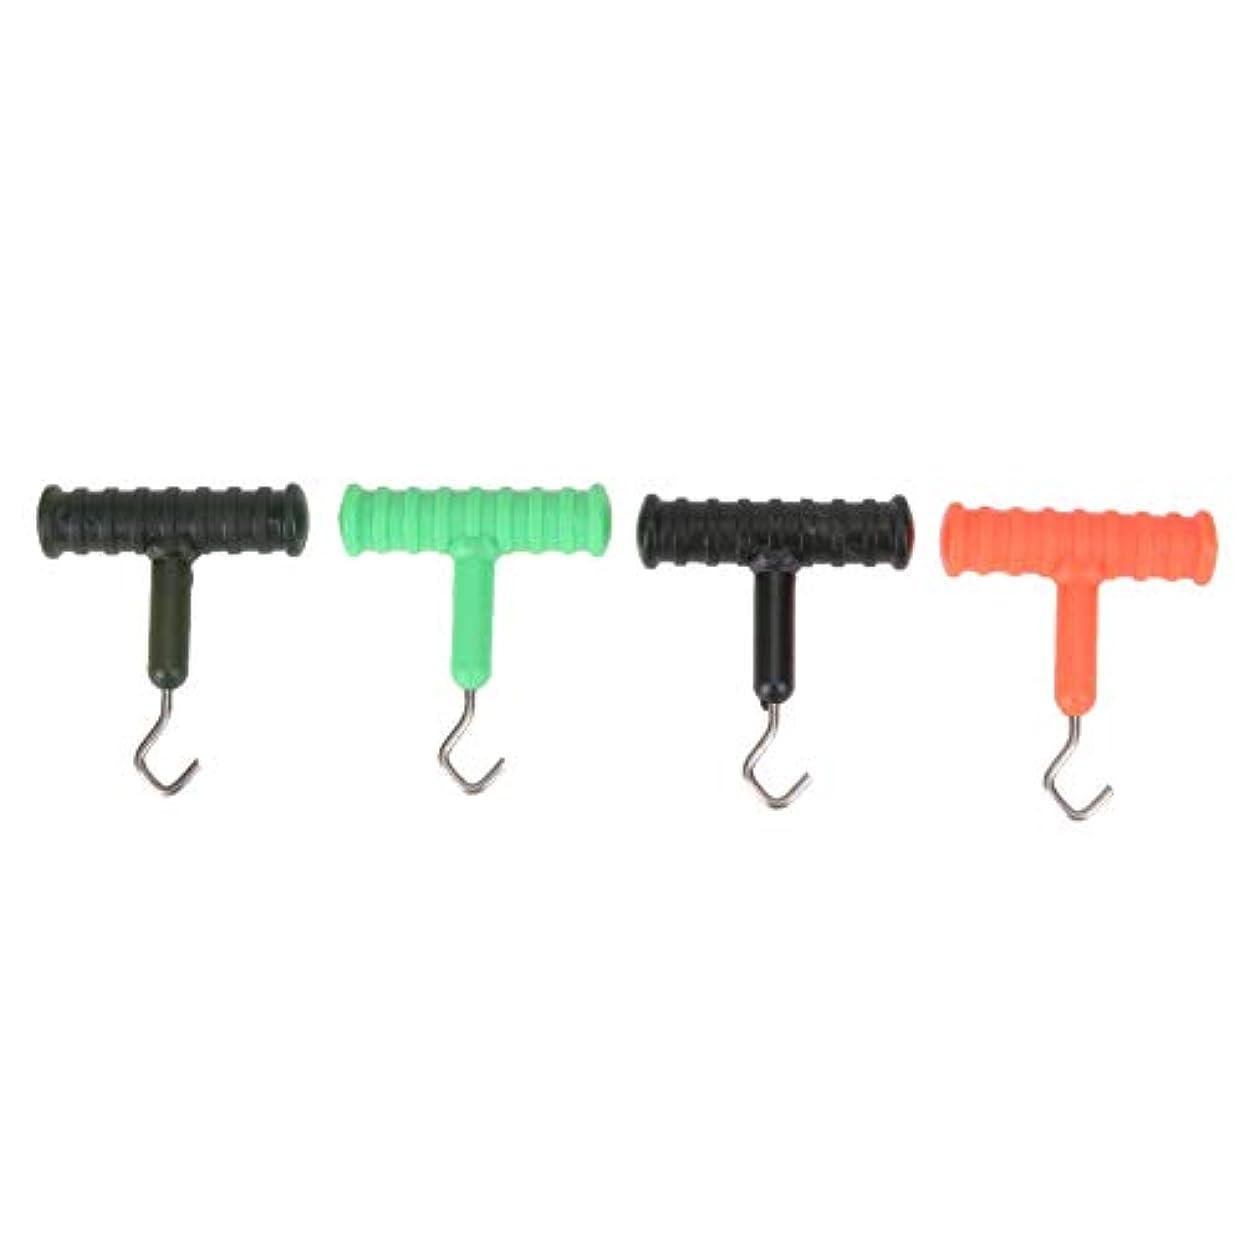 量で絶対の調停するCUHAWUDBA 4個、鯉釣りノット プーラーのツール リグの作成ツール 海釣りリグのツール